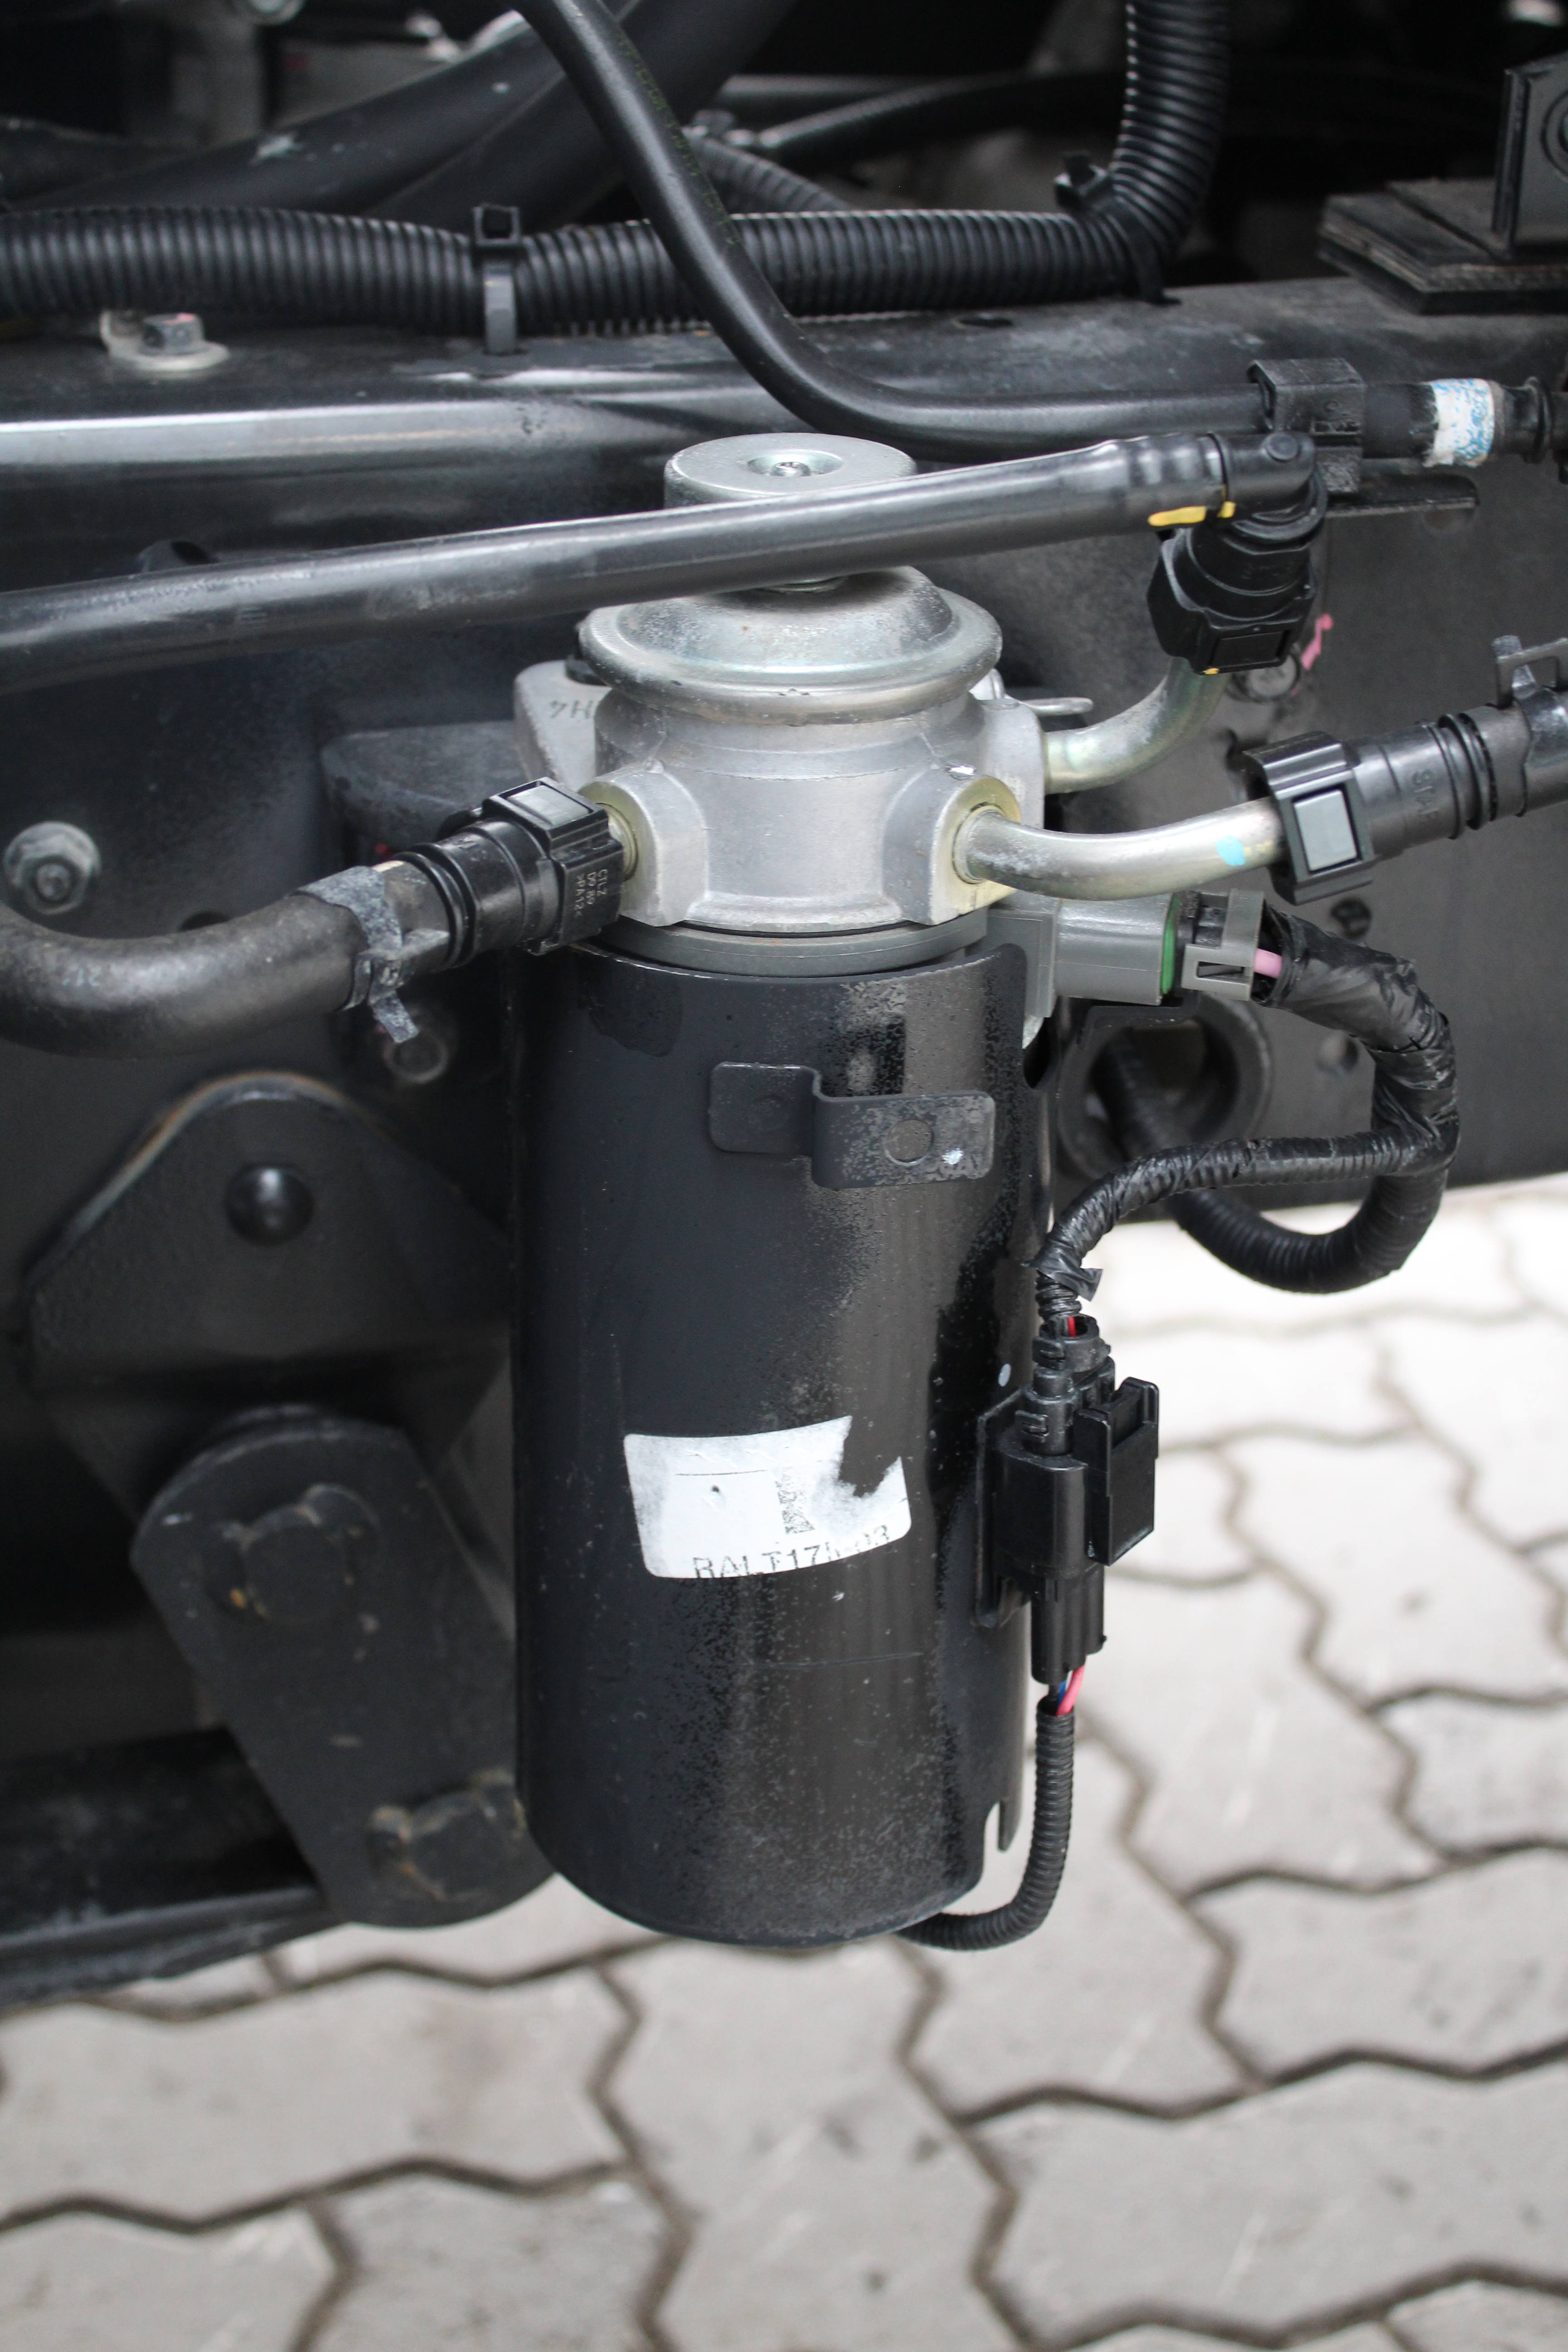 Топливный фильтр Hyundai HD35 защитили металлическим кожухом